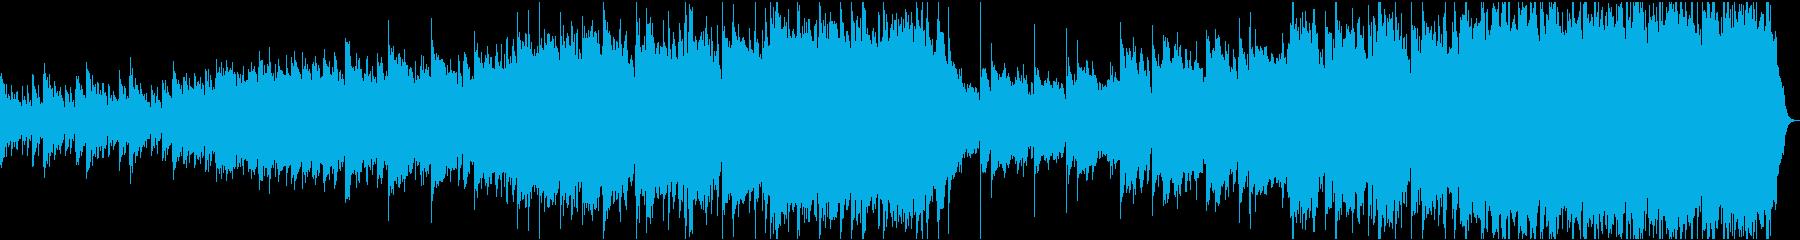 クラシック交響曲 企業イメージ 感...の再生済みの波形